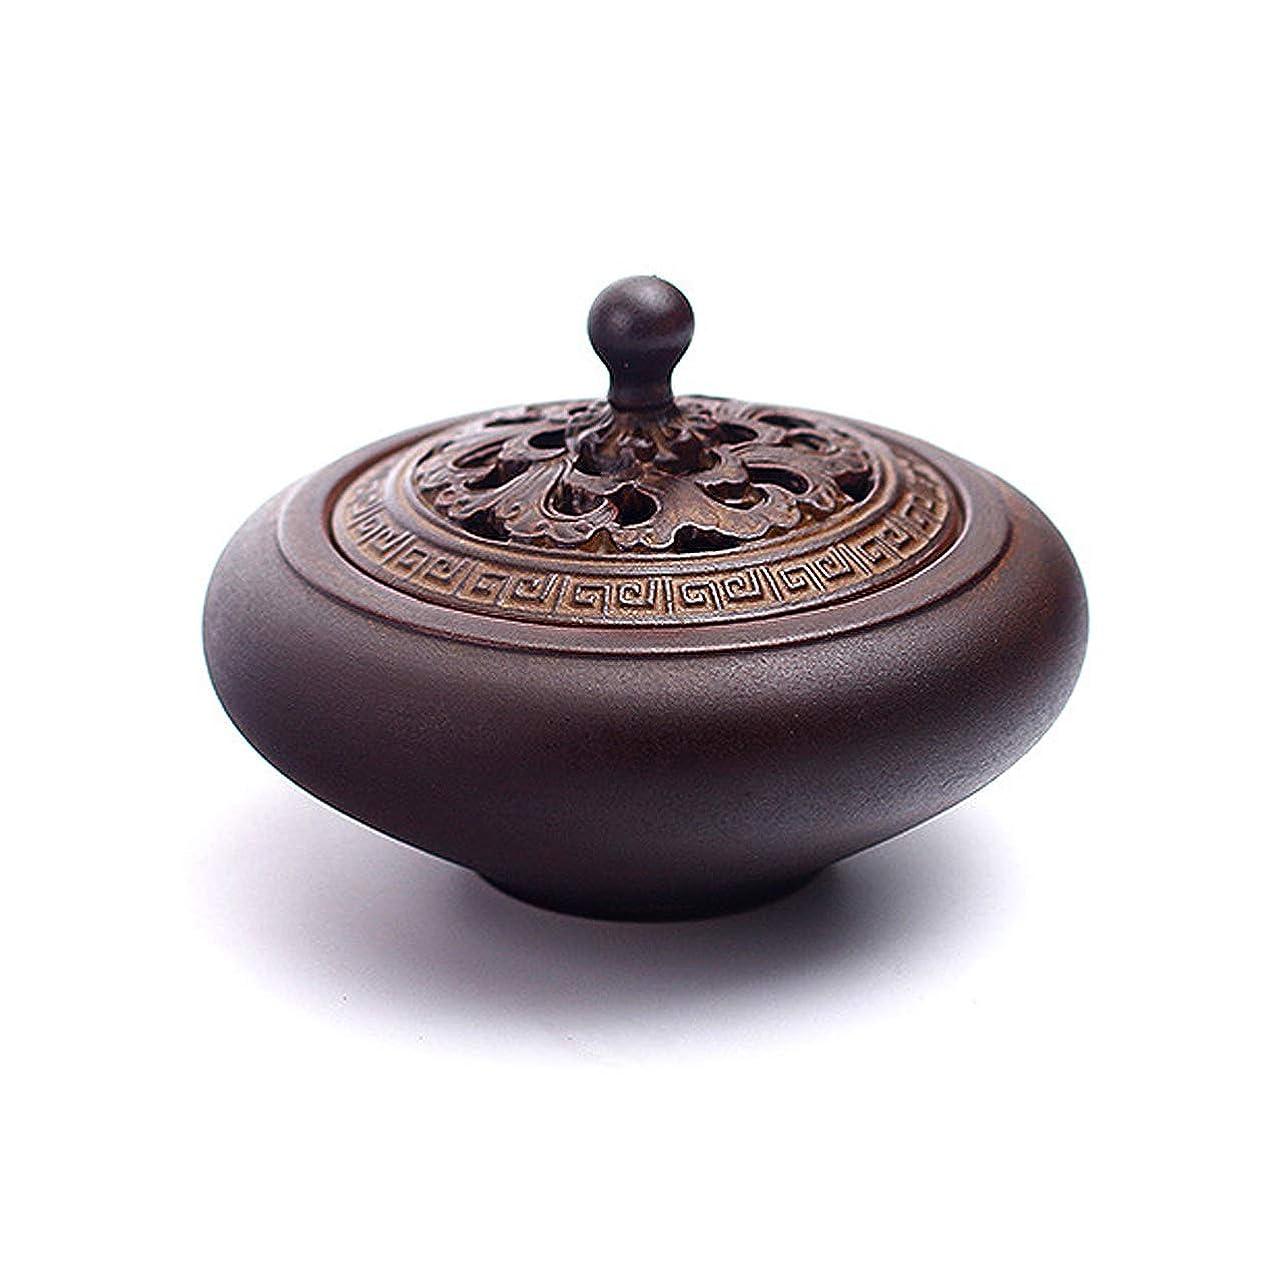 切断する住所中級HAMILO 蓋付香炉 陶器 中国風 古典 アロマ 癒し 香道 お香 コーン 抹香 手作り 木製台付 (ブラウン)